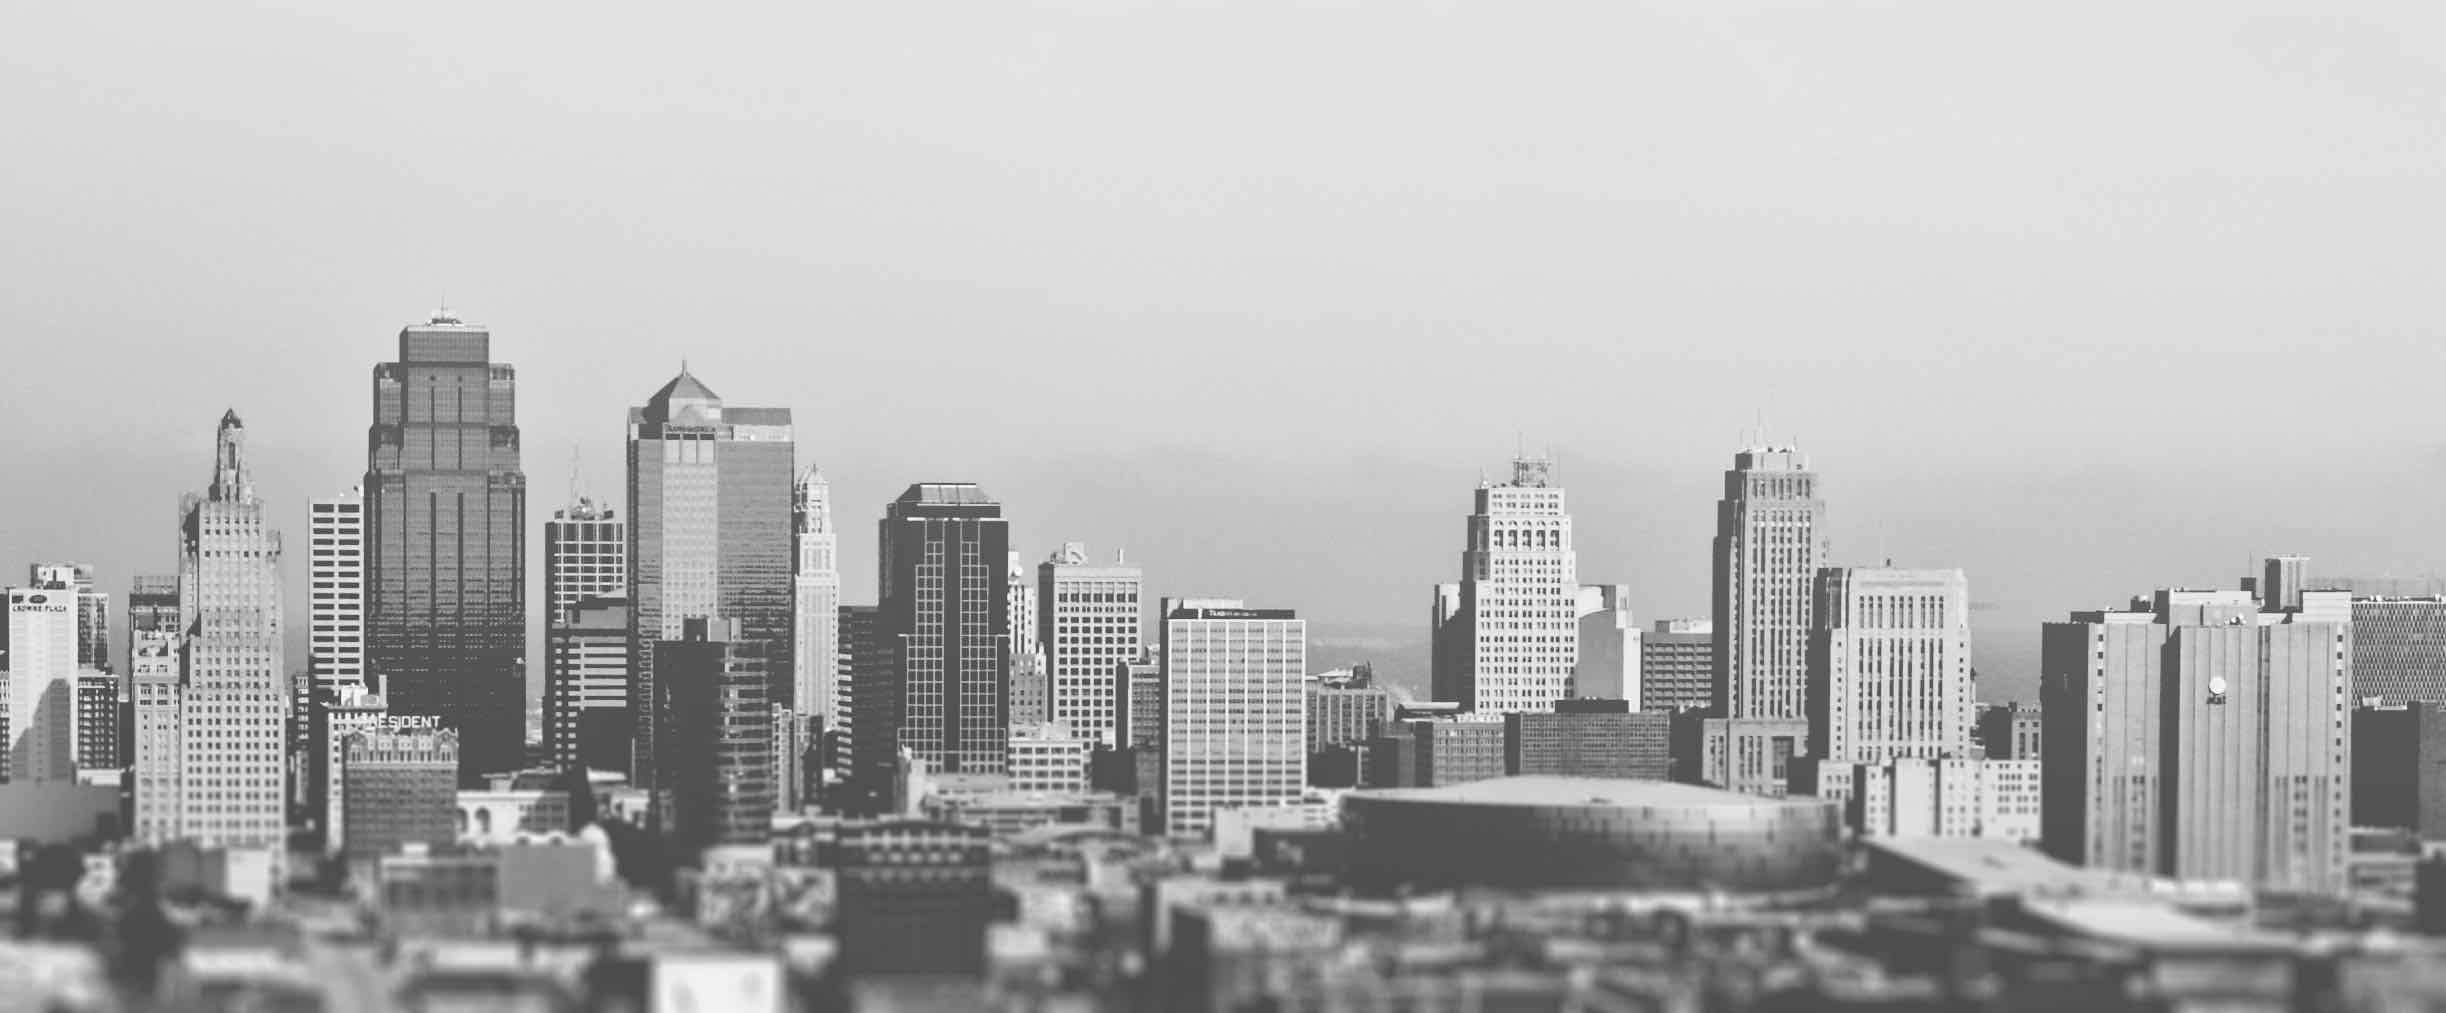 Die Skyscraper Technique: Erfolgreiches Inbound-Marketing durch Remix und Weiterentwicklung bewährter Web-Inhalte